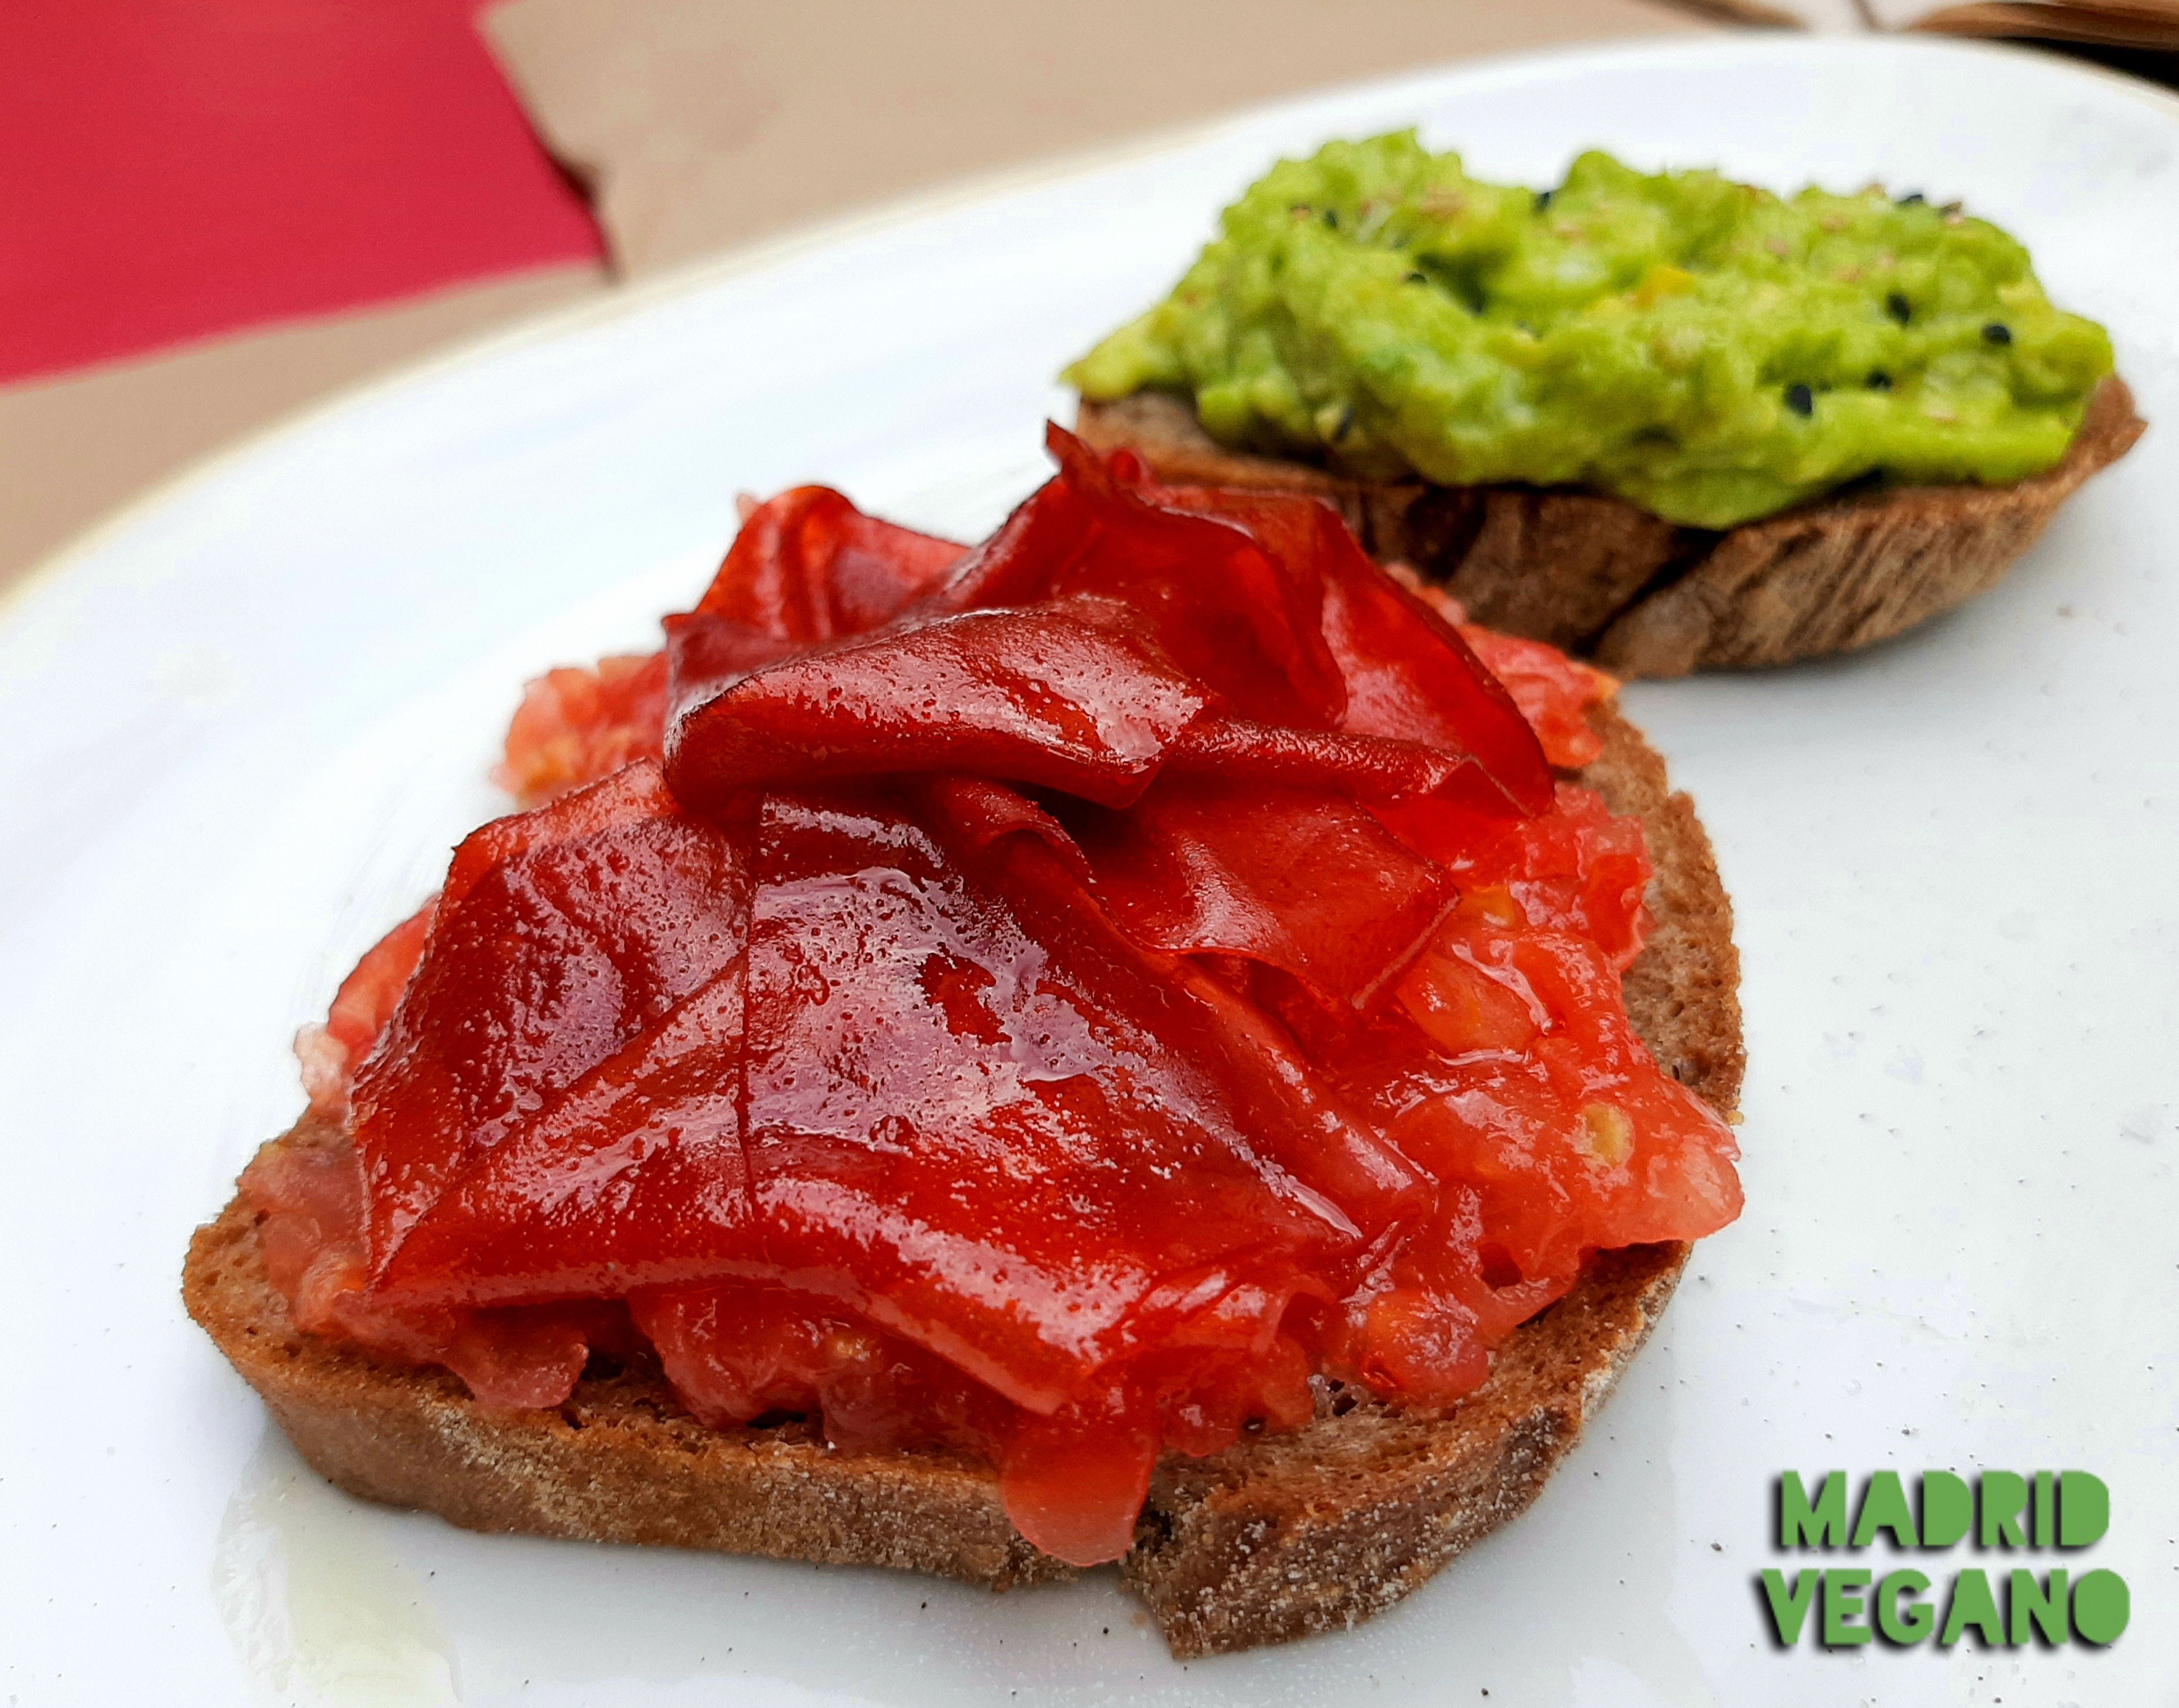 Brunch vegano y gluten-free en la terraza de La Modernista